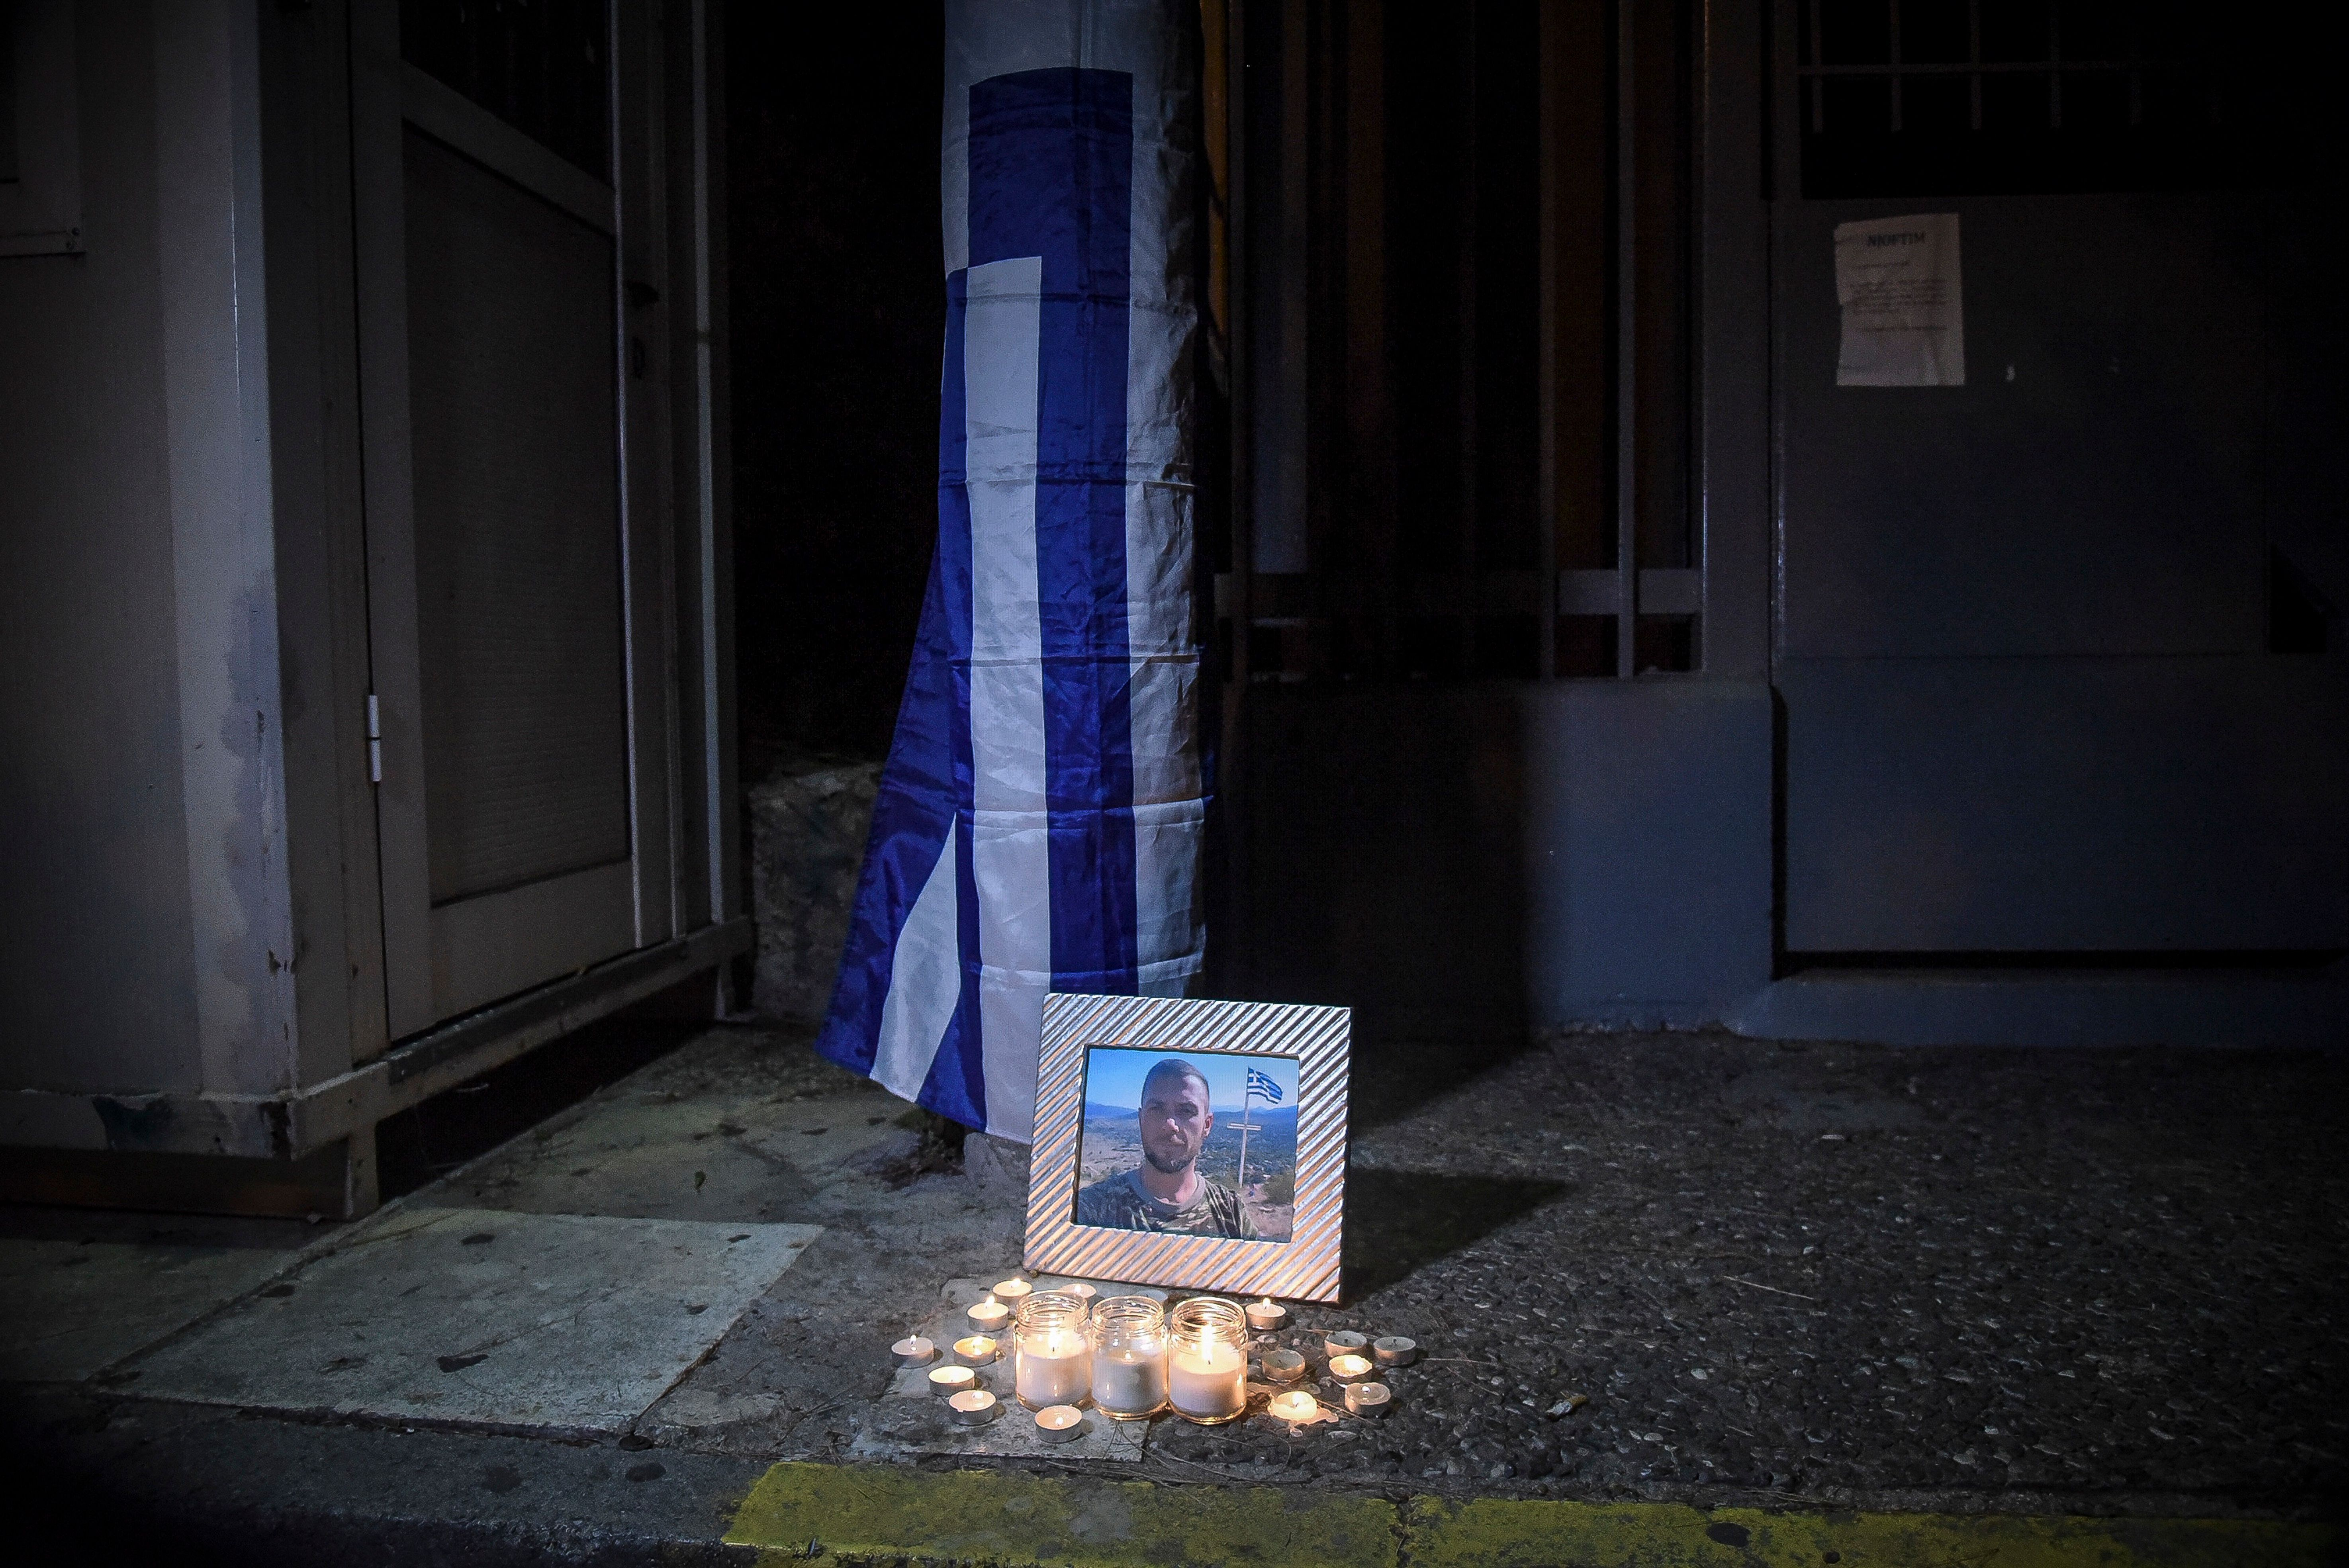 Σήμερα η κηδεία Κατσίφα στις Βουλιαράτες - Έκκληση για αυτοσυγκράτηση